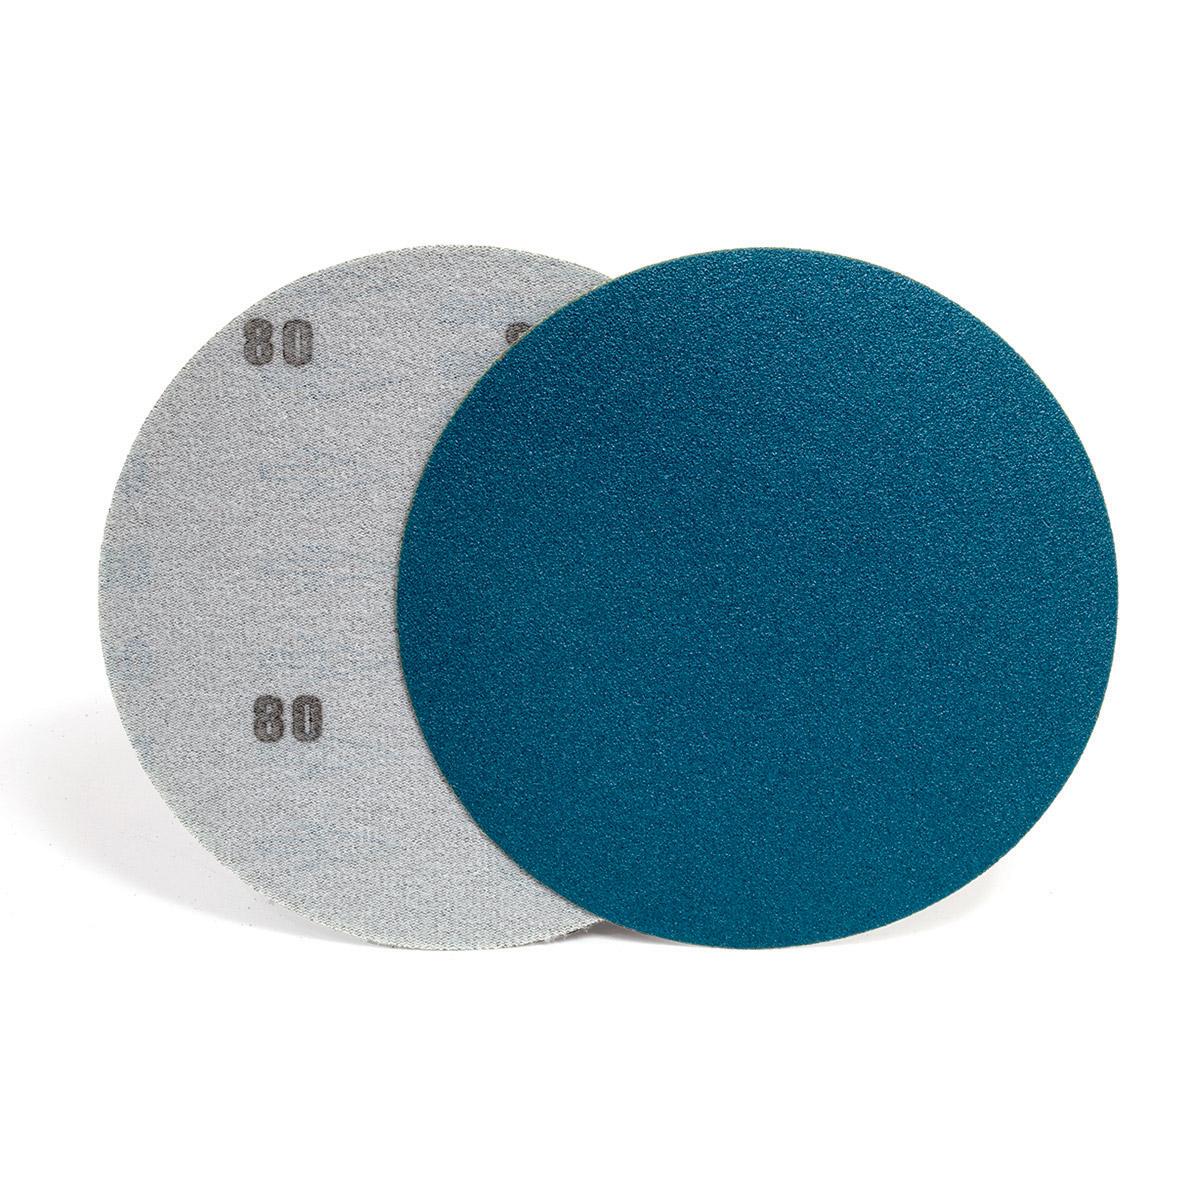 dischi velcrati in tela allo zirconio